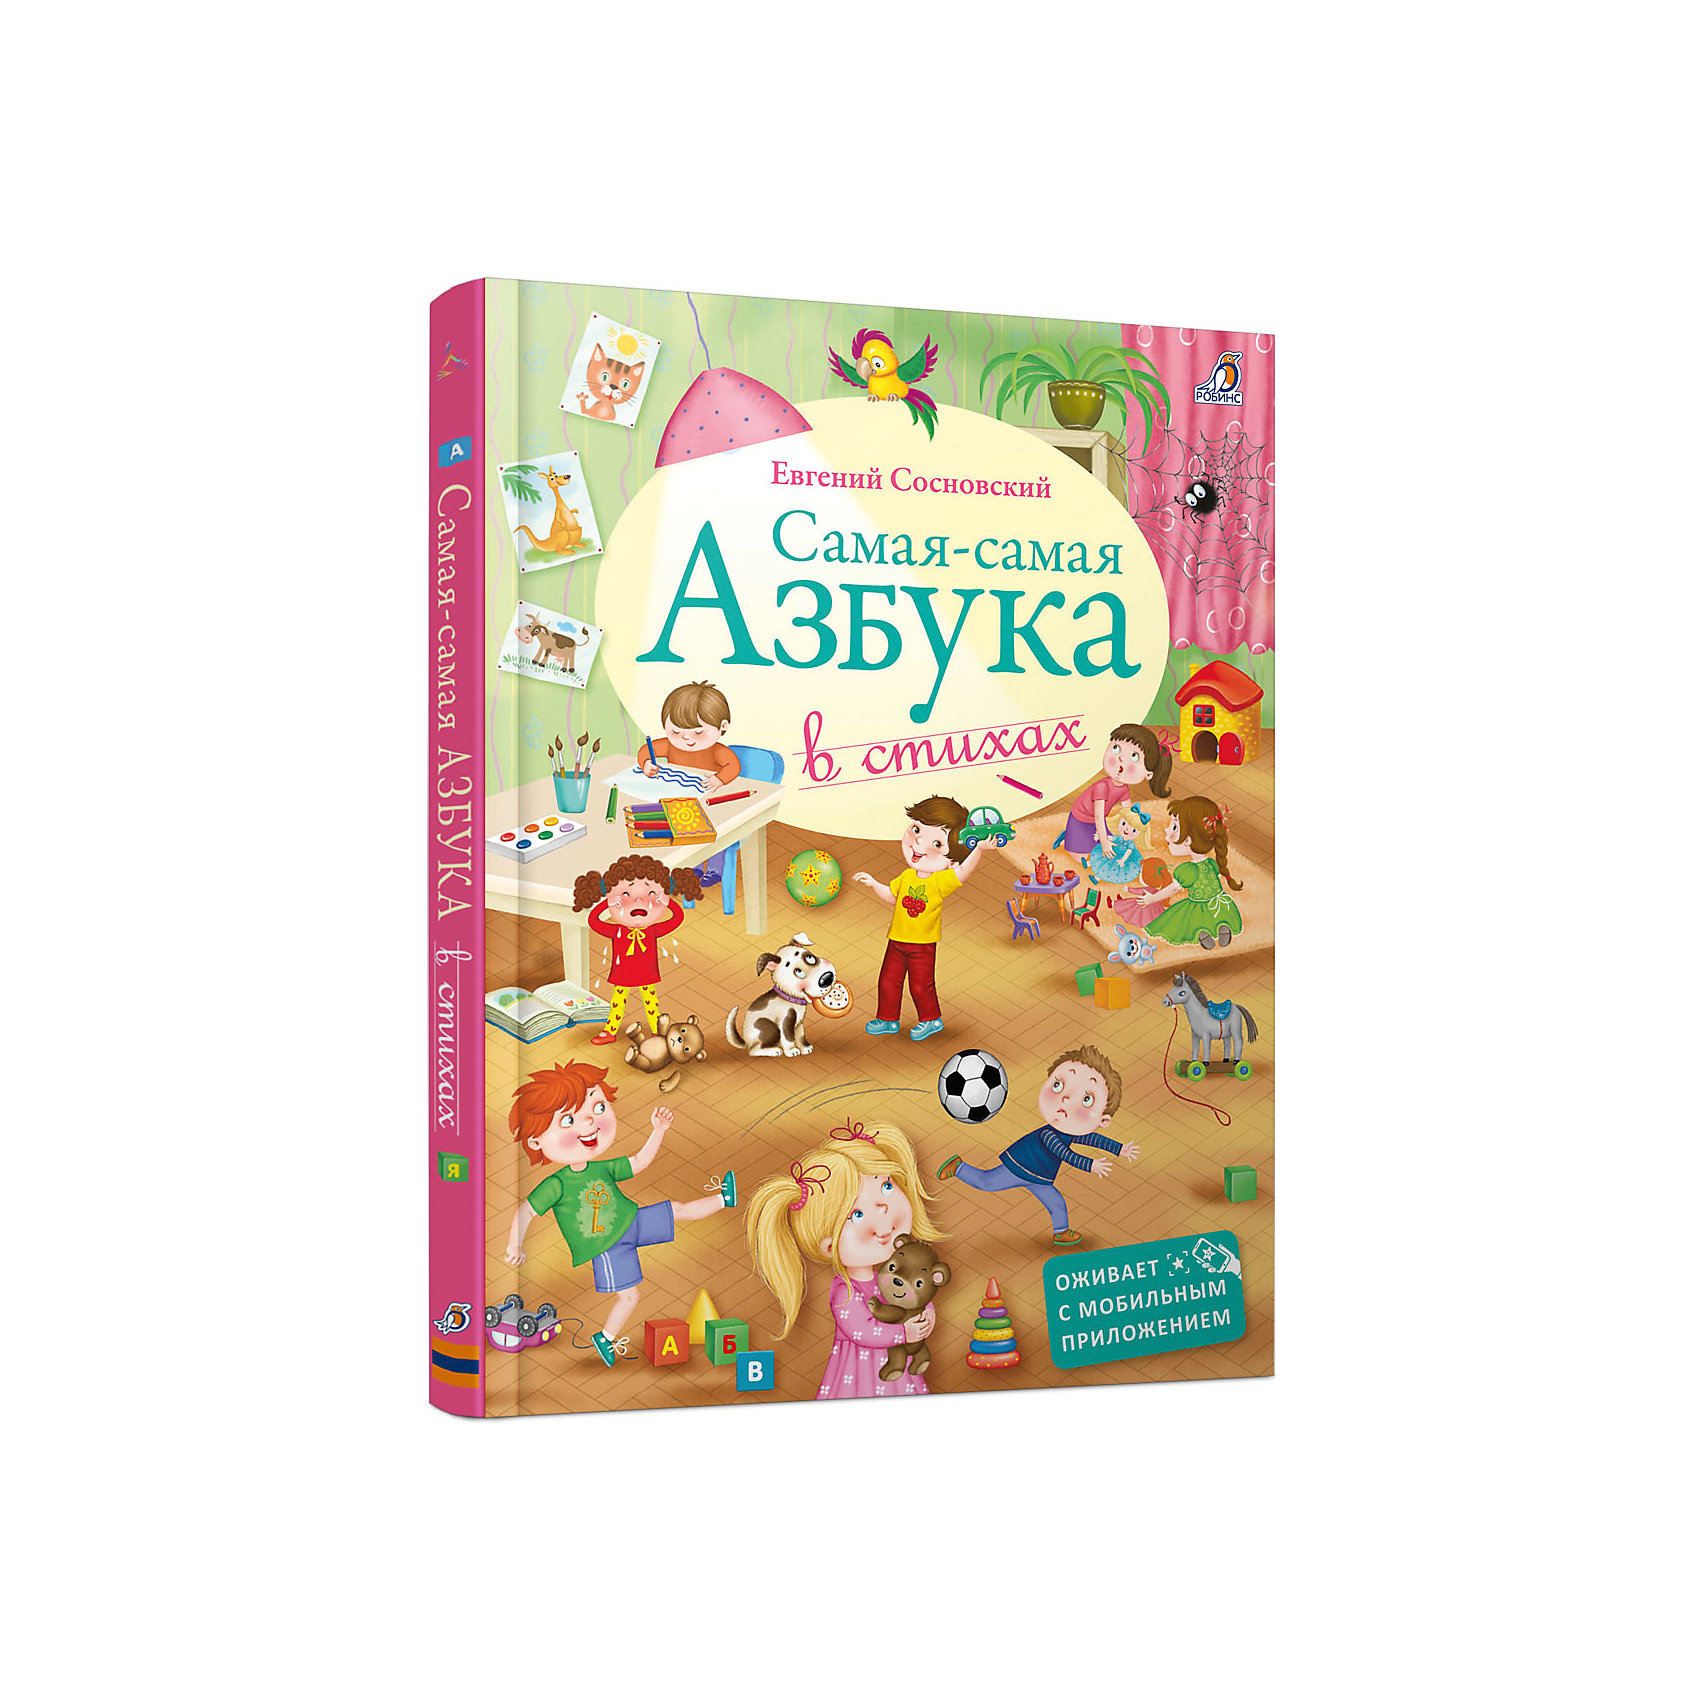 Самая-Самая АзбукаАзбуки<br>«Для чего нужна вообще любая Азбука? Чтобы выучить буквы?<br>Конечно, но не только…<br>Очень важно, чтобы ребёнок заинтересовался, понял, что книга – это интересно и увлекательно. В нынешнем компьютеризованном мире ребёнку необходимо создать такие условия, чтобы ему захотелось научиться читать.<br>«Самая-самая Азбука» – это интерактивный мостик между книжкой-игрушкой, которую малыш листает ещё неосознанно, и тем бесконечно удивительным миром литературы, который он в будущем захочет для себя открывать.<br>«Самая-самая Азбука» - это уникальный образовательный и художественный проект! Потрясающие иллюстрации, авторские стихи Евгения Сосновского, оживающие объемные 3D-картинки, звуковые эффекты и интерактивные многоуровневые игры-пазлы окунут ребенка в волшебный мир чтения!<br>Каждый иллюстрированный разворот скрывает ДОПОЛНЕННУЮ реальность. Оживи картинки в книге, преврати иллюстрации в игры-пазлы и прослушай авторские стихи с помощью любого электронного девайса на платформе iOS или Android. Загрузи мобильное приложения «Живая картинка» воспользовавшись QR-кодом, или скачай его в App Store или Google Play, запусти и смотри, как книга оживает у тебя на глазах.<br>Что найдем внутри: иллюстрации; авторские стихи; 30 оживающий объемных 3D картинок; 30 многоуровневых игр-пазлов; возможность поделиться фотографиями в социальных сетях; звуковое сопровождение иллюстраций; звучание авторских стихов в исполнении И. Муравьевой.<br>В чем особенности книги:<br><br>Дополнительная информация:<br><br>- автор: Евгений Сосновский<br>- формат издания: 215*275<br>- количество страниц: 96<br>- год выпуска: 2016<br>- издательство: Робинс<br>- иллюстратор: Юлия Митченко<br>- переплет: твердый переплет<br>- цветные иллюстрации: да<br>- язык издания: русский<br>- тип издания: отдельное издание<br>- вес в упаковке: 620 г<br><br>Самую-Самую Азбуку можно купить в нашем интернет-магазине.<br><br>Ширина мм: 220<br>Глубина мм: 280<br>Высота мм: 10<br>Вес г: 612<br>Возраст